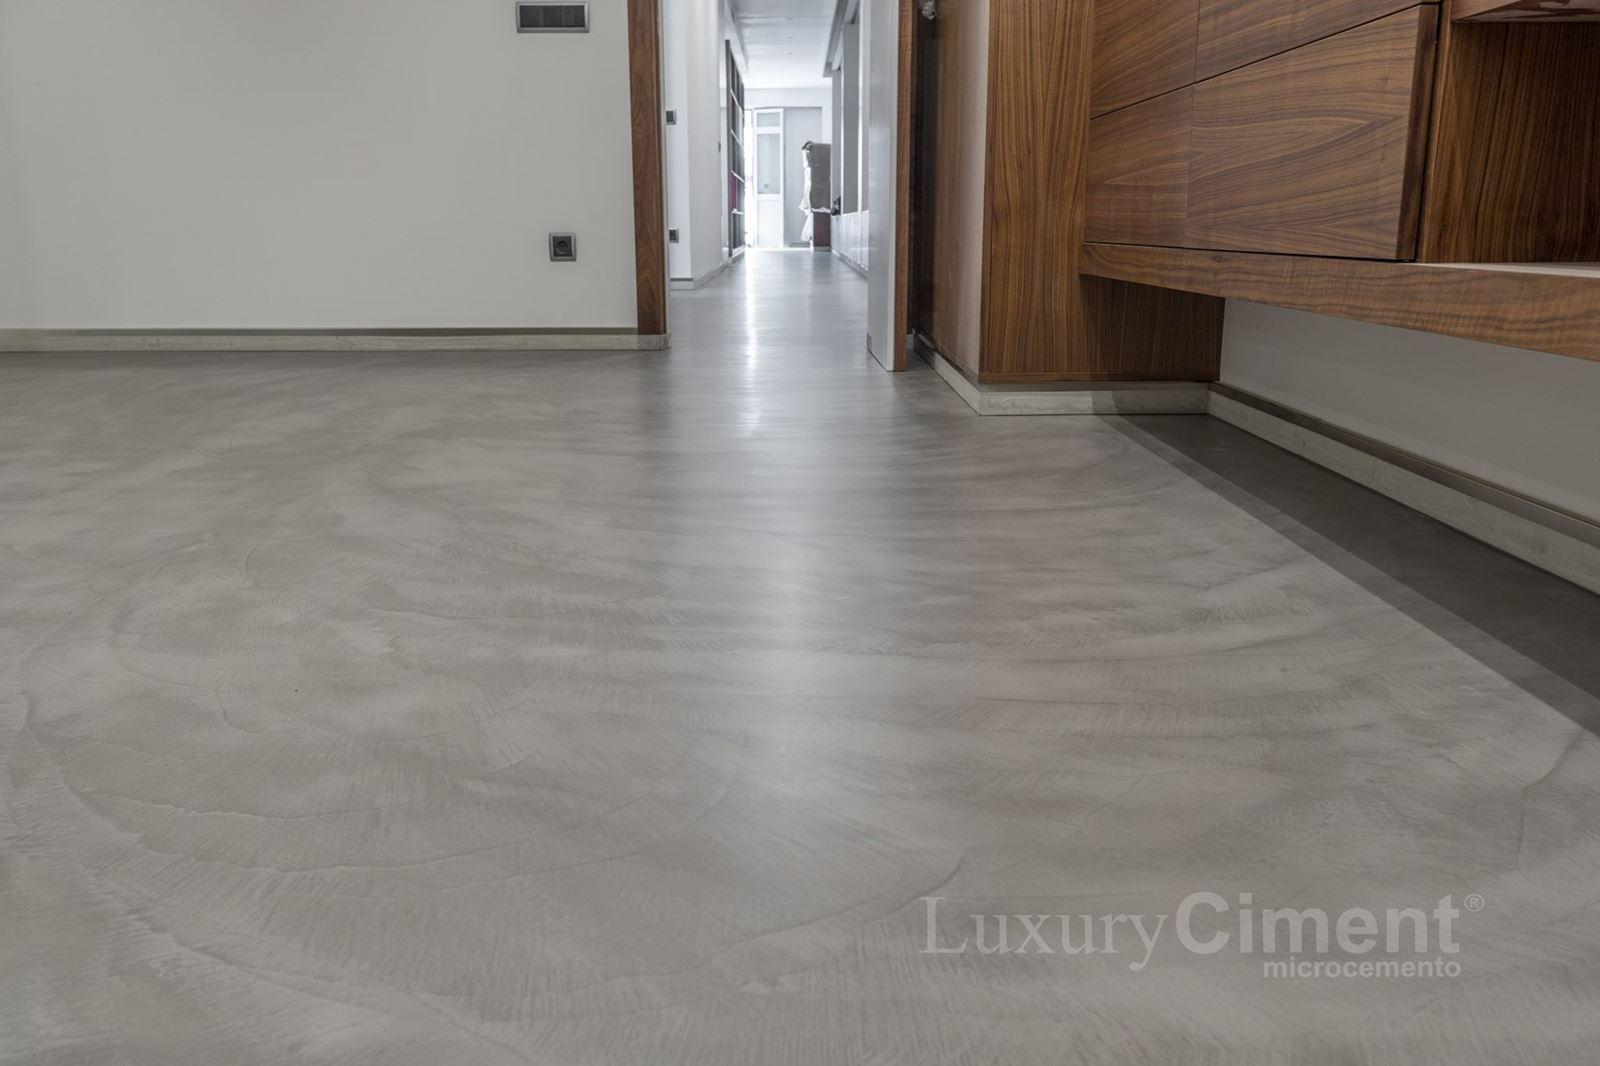 Microcemento en suelos paredes ba os cocinas para - Suelos de microcemento ...